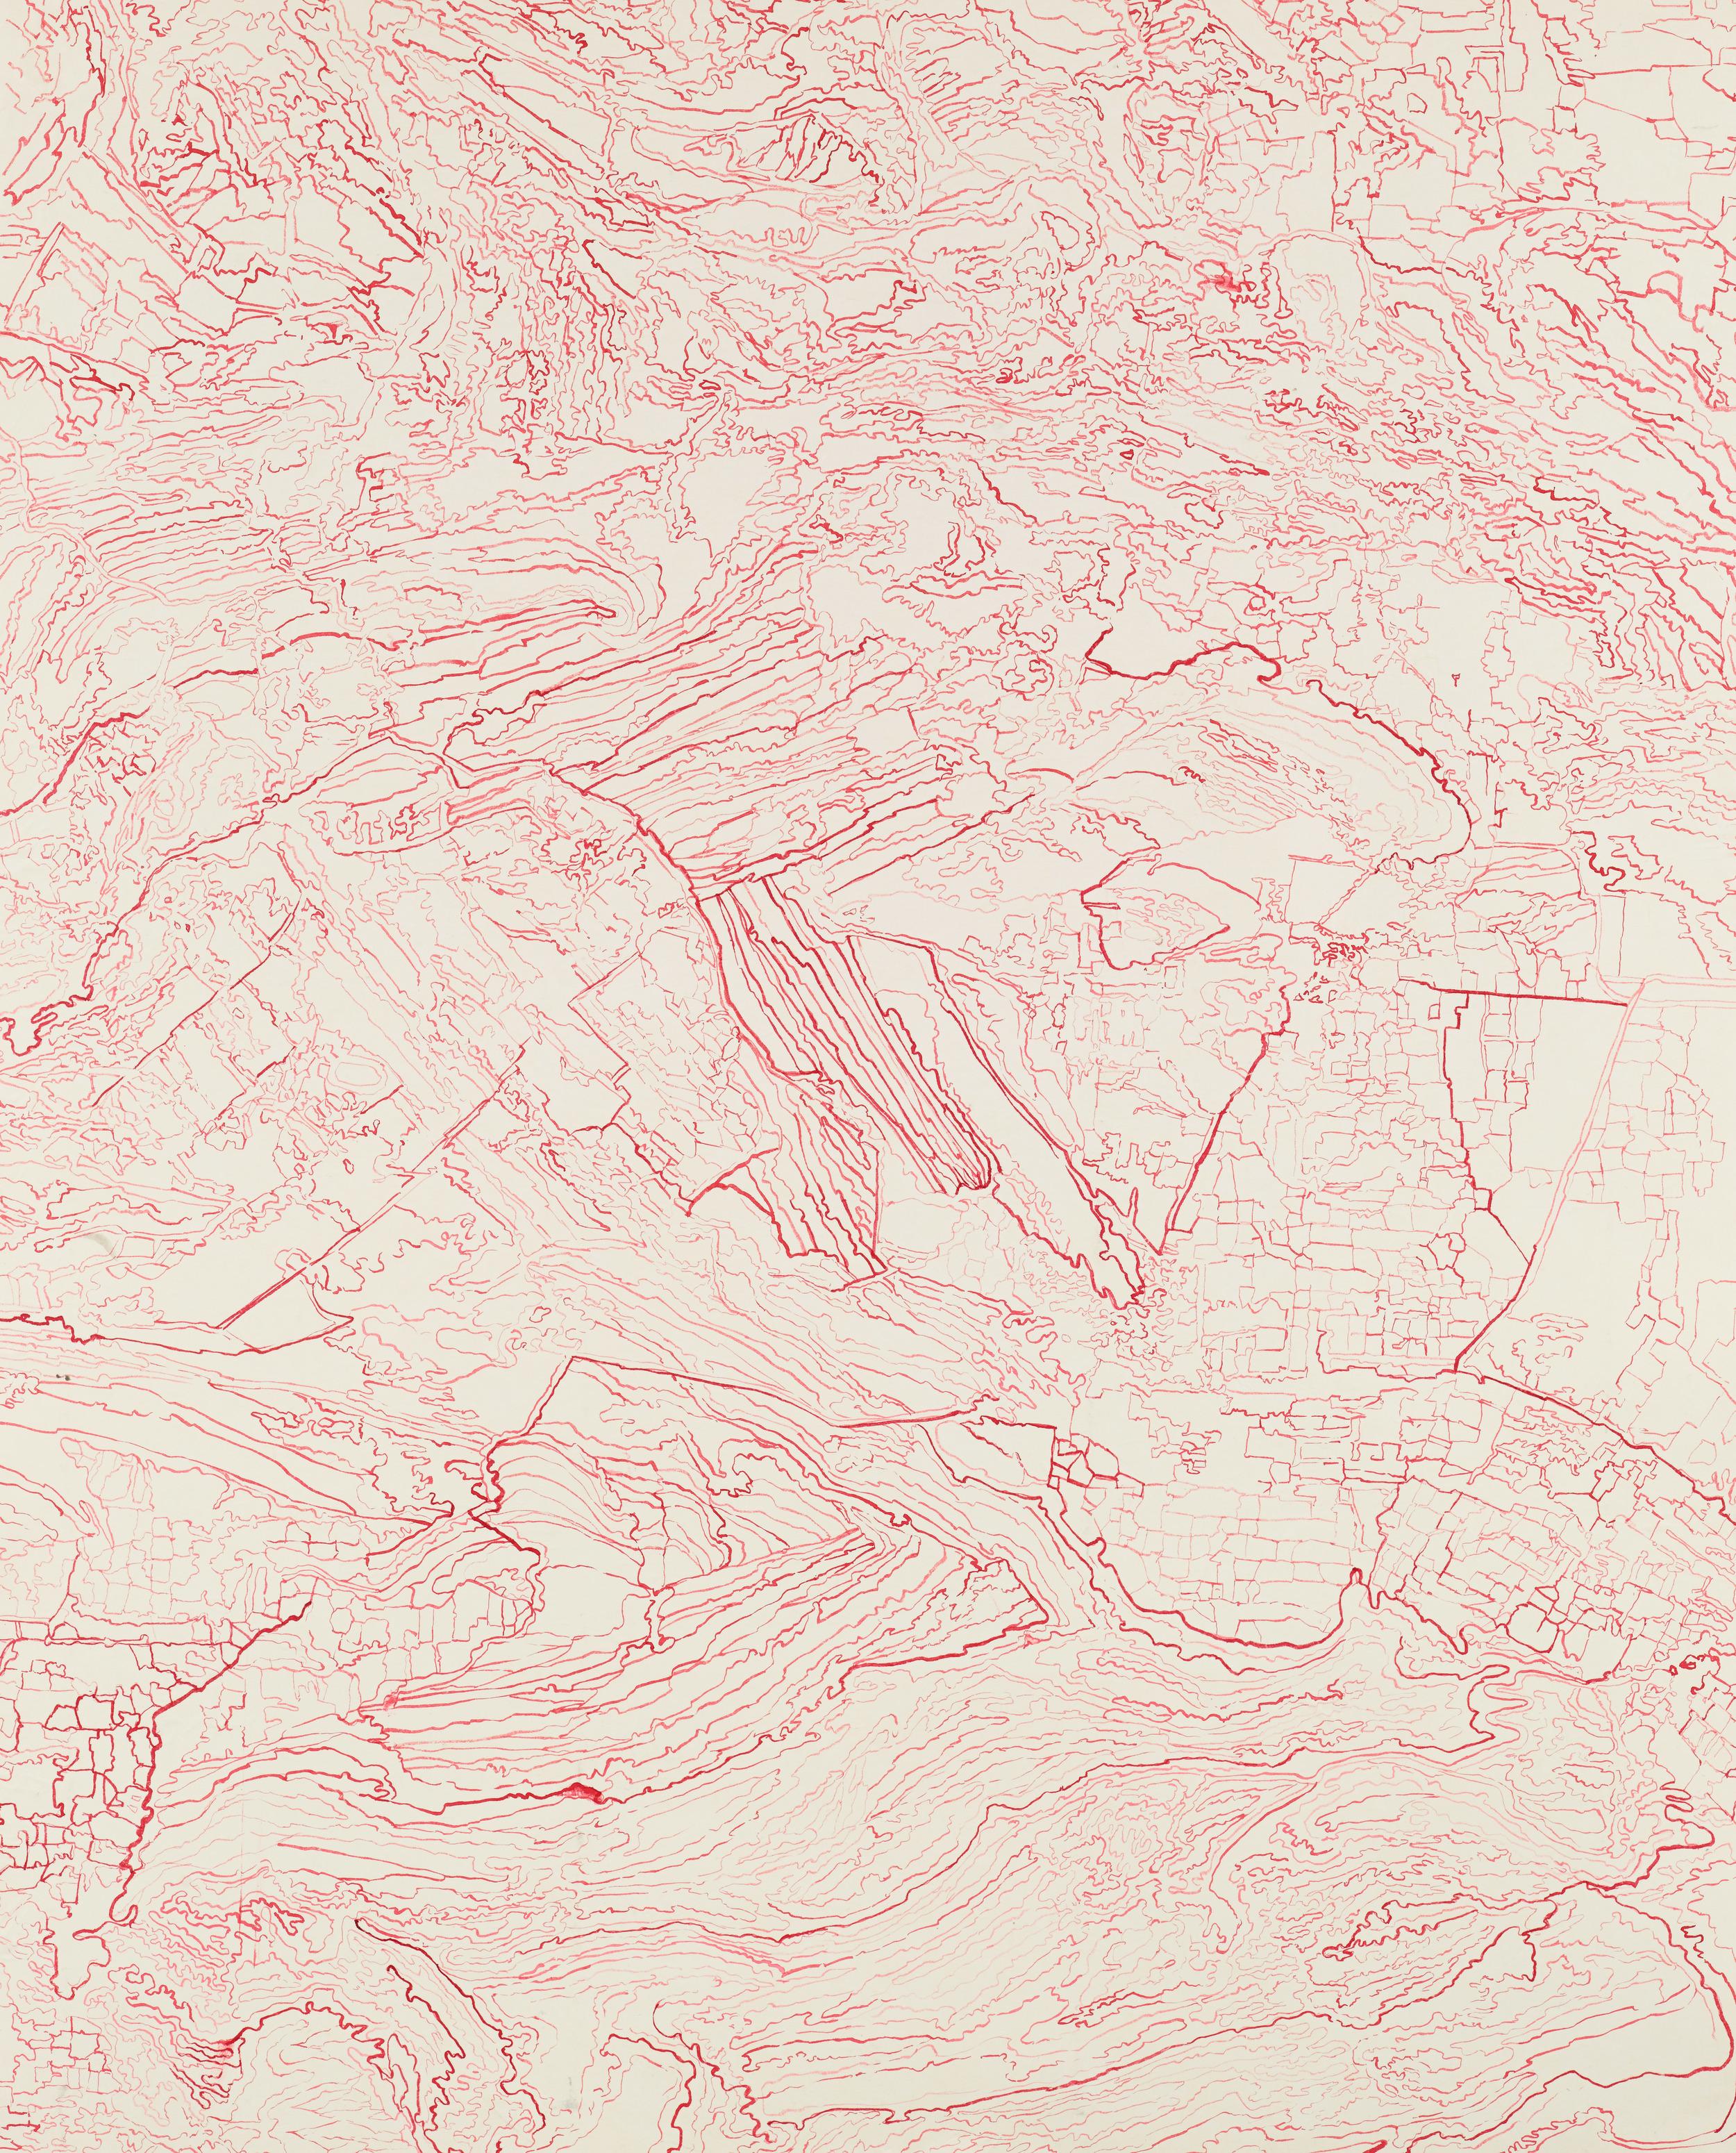 """Untitled III, 2013   Brush and ink onkozo shi   46.6"""" X 37.5"""""""